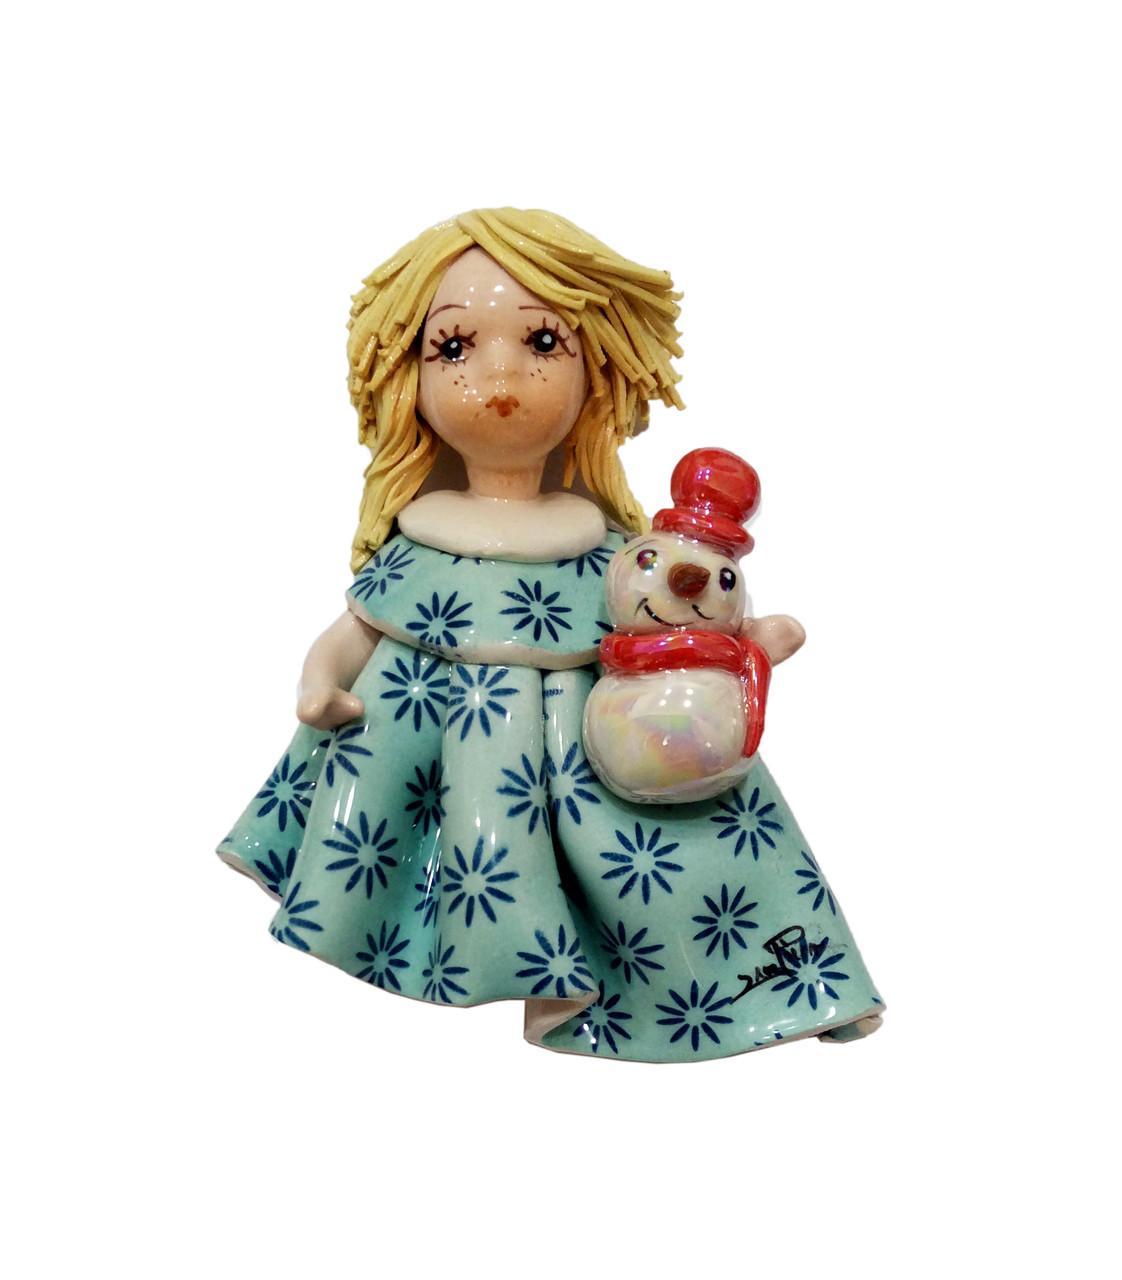 Магнит Девочка со снеговиком. Италия, ручная работа, керамика